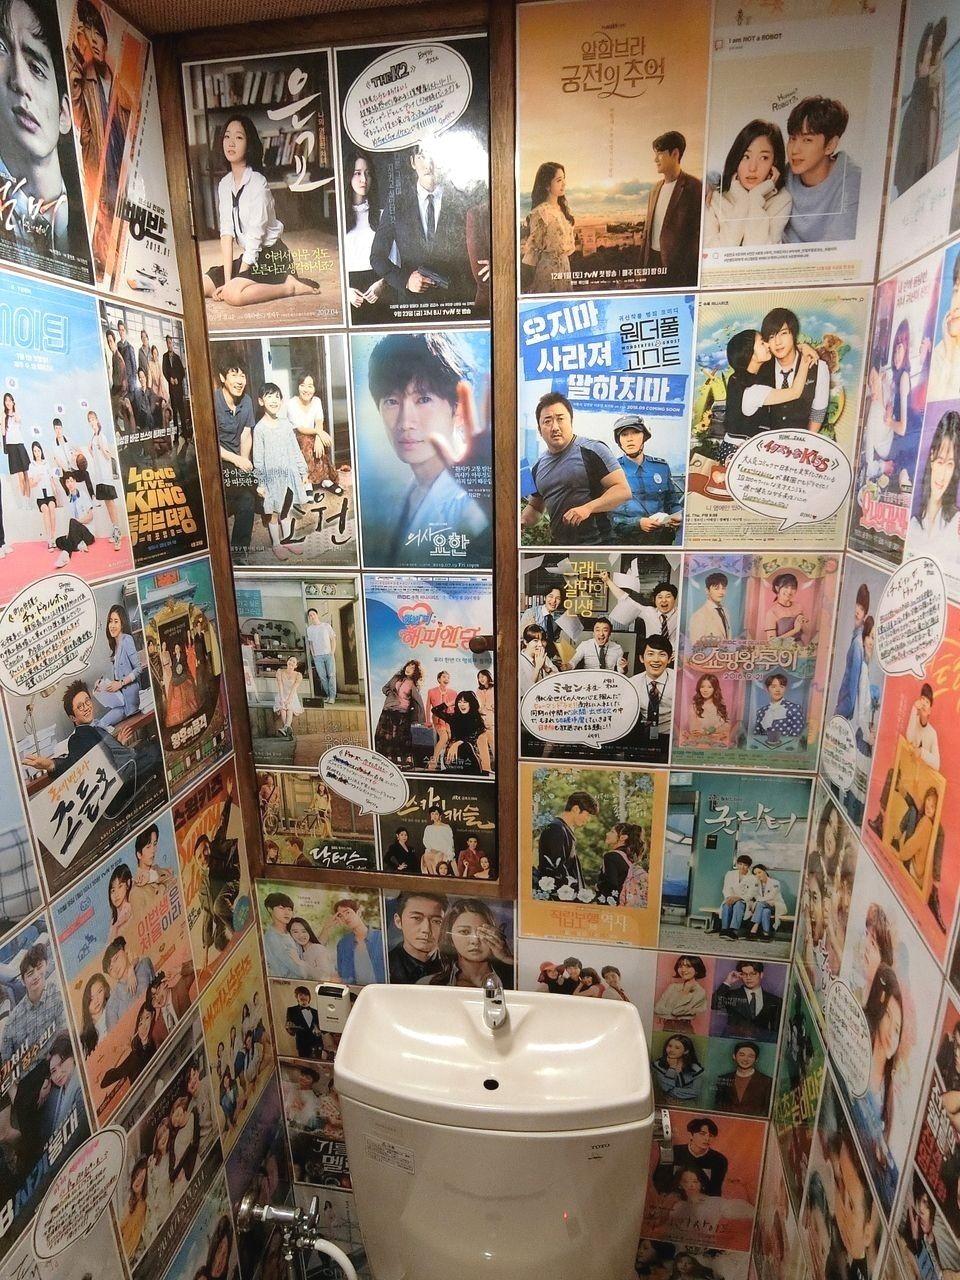 ケグリの男女兼用トイレ